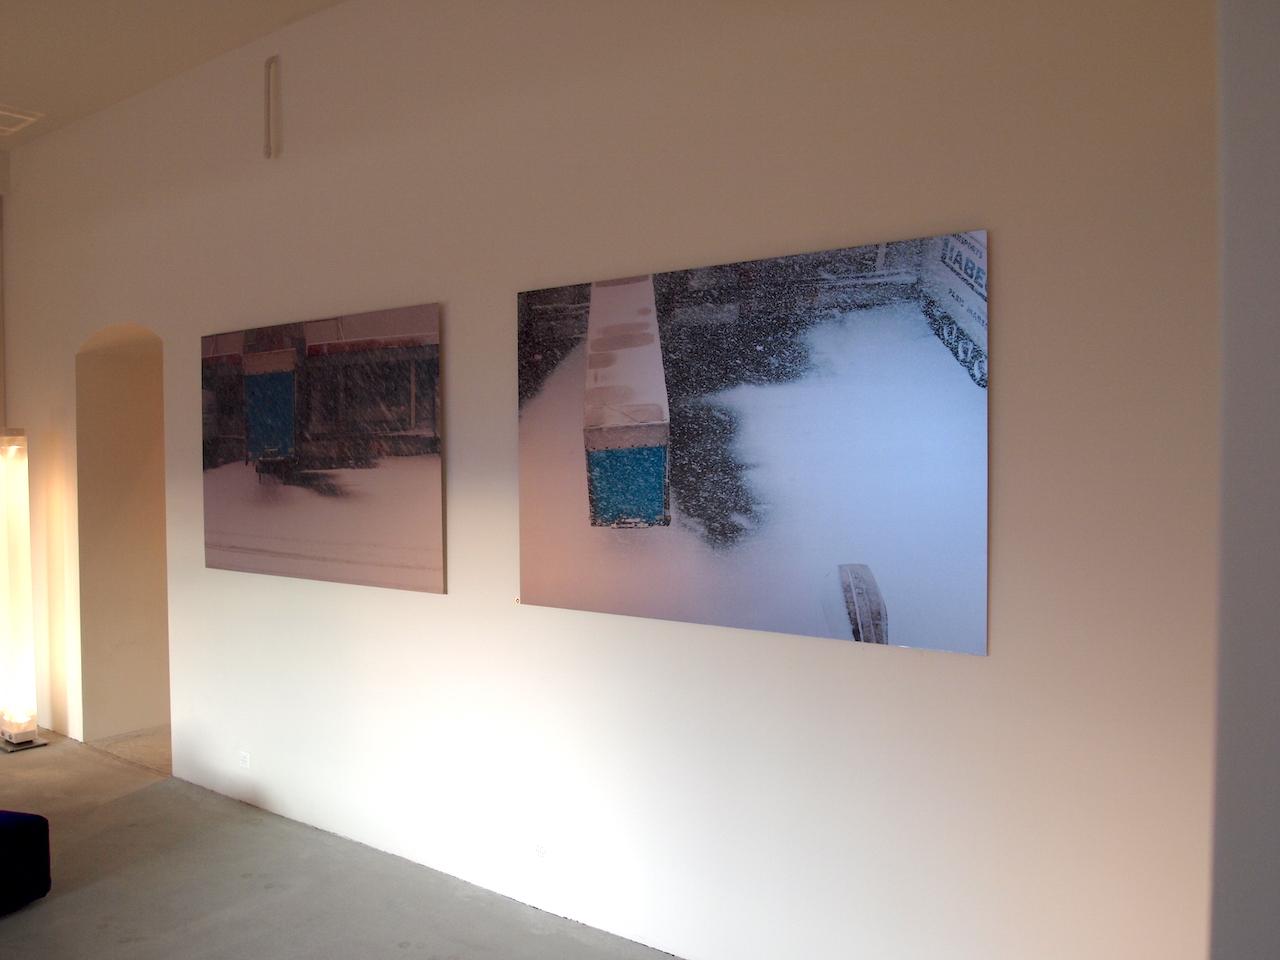 14--2009:10-Tout simple sans accoudoir-Pascale Lafay,objets photographiques-2009:10-Montreux-Switzerland.JPG